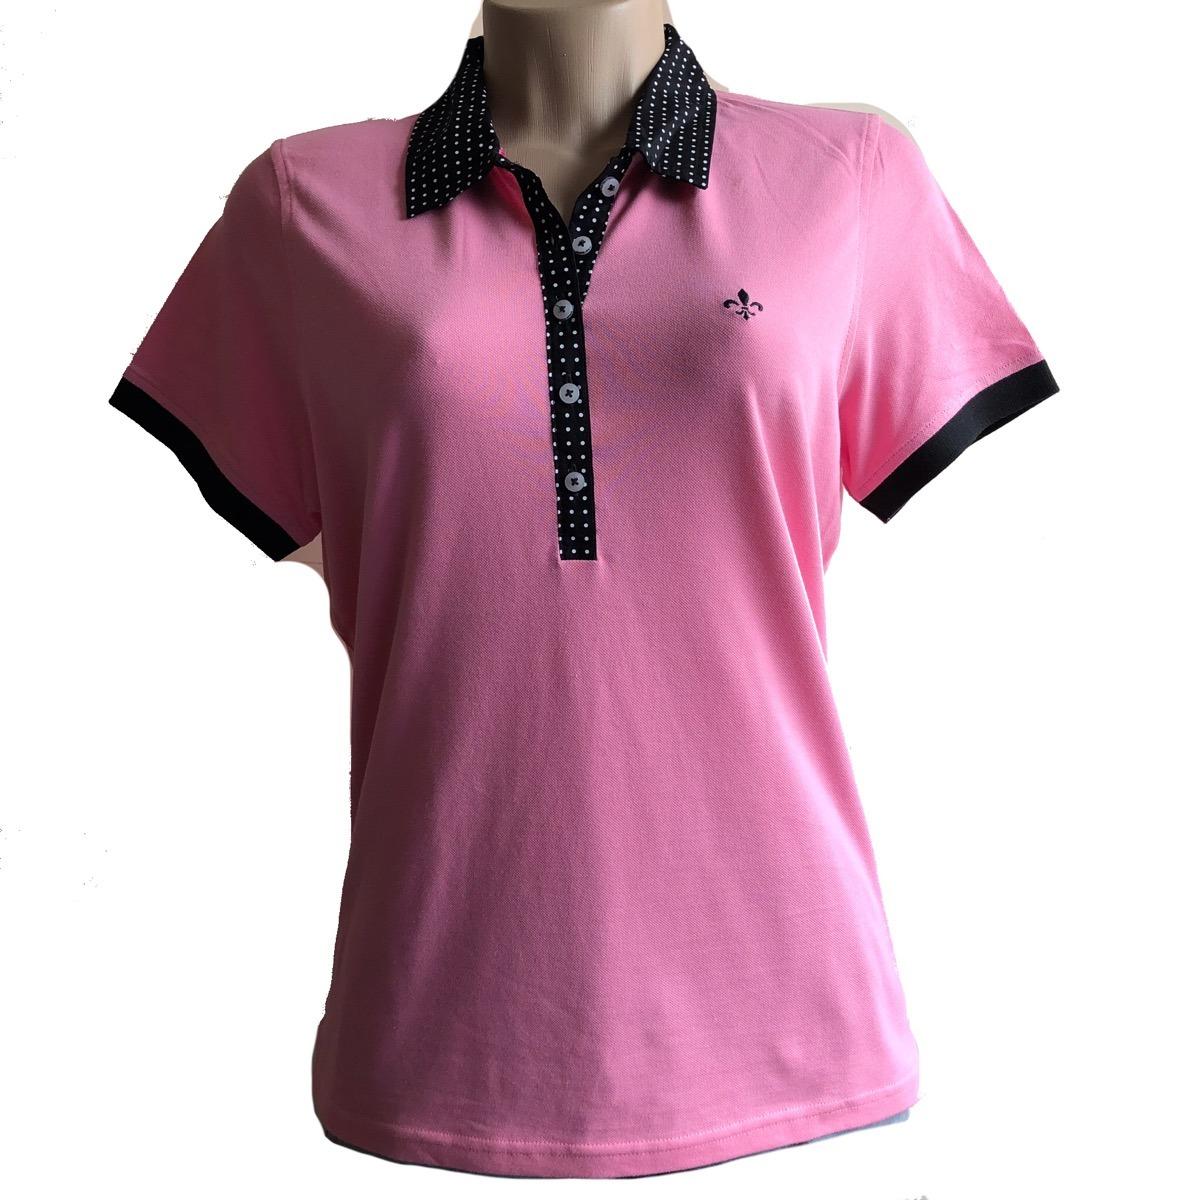 3067452d0a camisa polo feminina dudalina original com pequenos defeitos. Carregando  zoom.